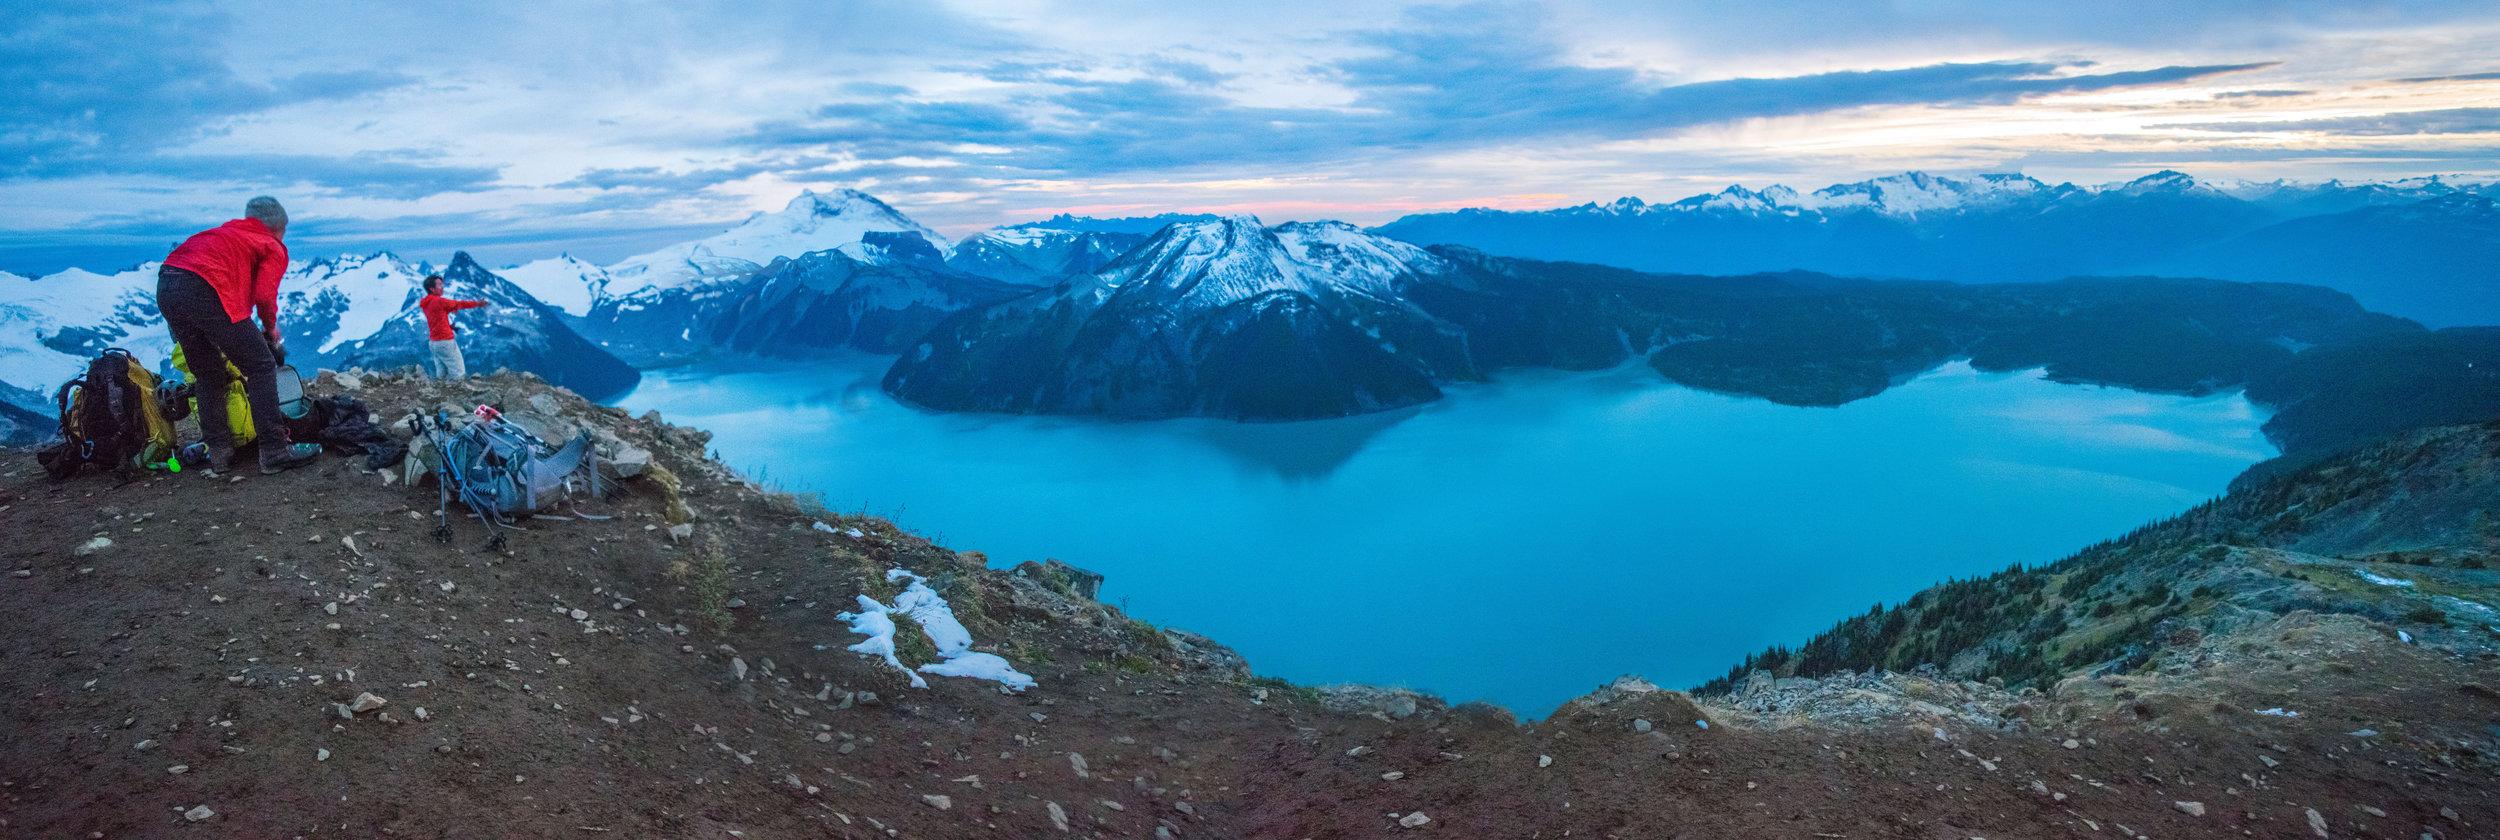 panorama_ridge_panorama.jpg